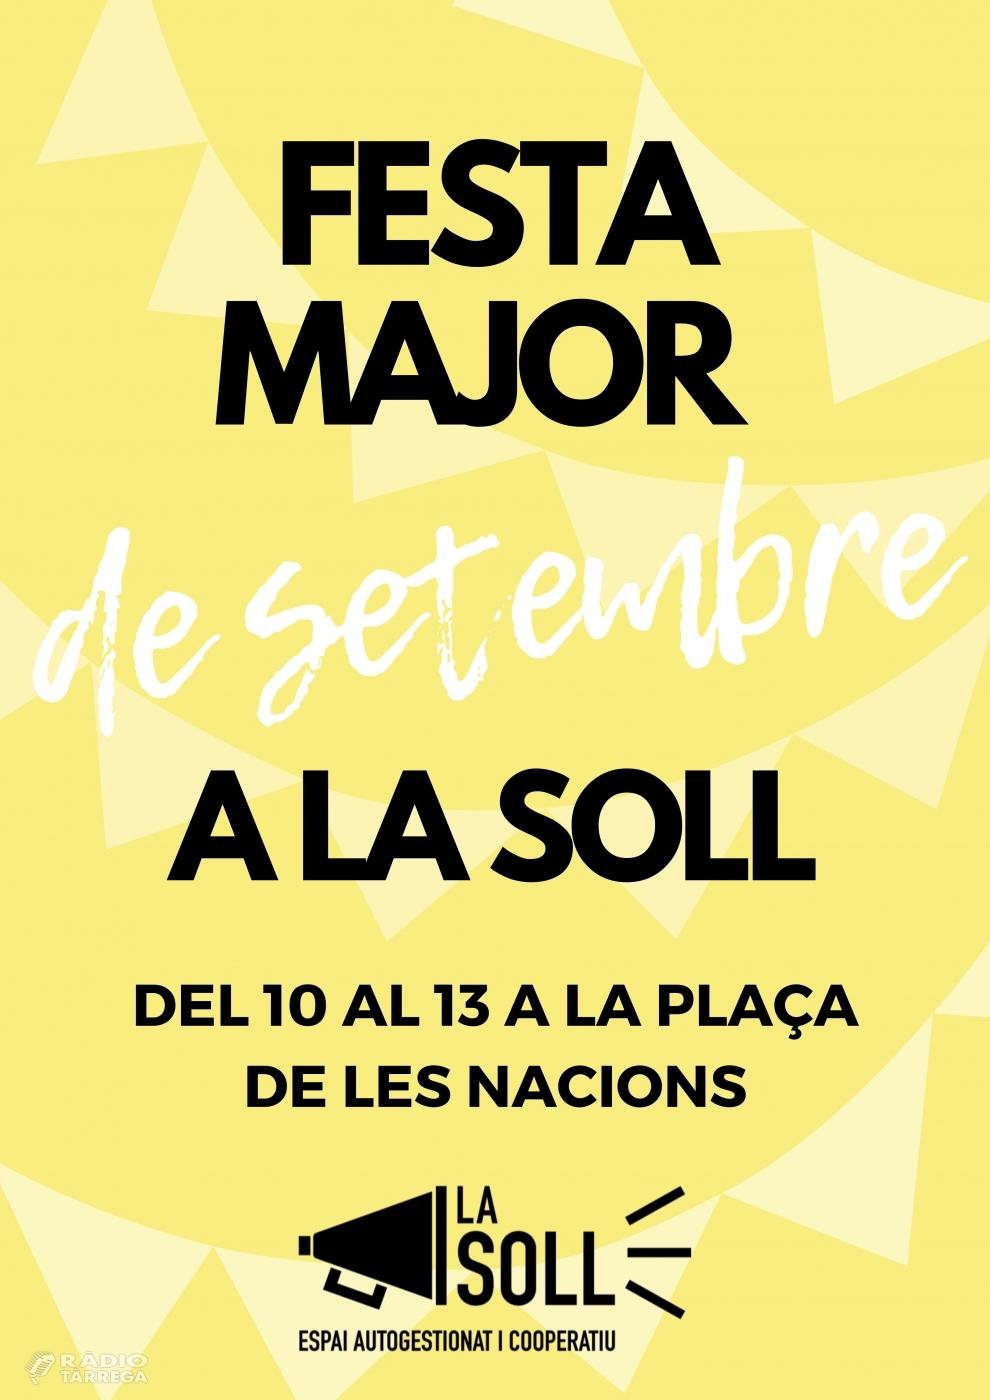 La Soll reivindica la Festa Major de setembre amb una programació amb set actuacions musicals, un show de màgia i un debat cultural